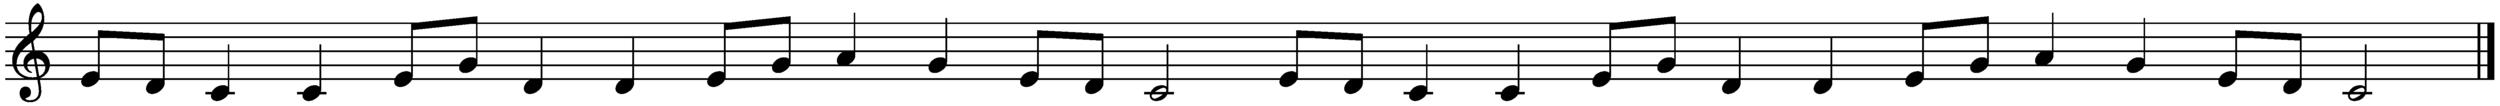 Nettleton divider long horizontal.png